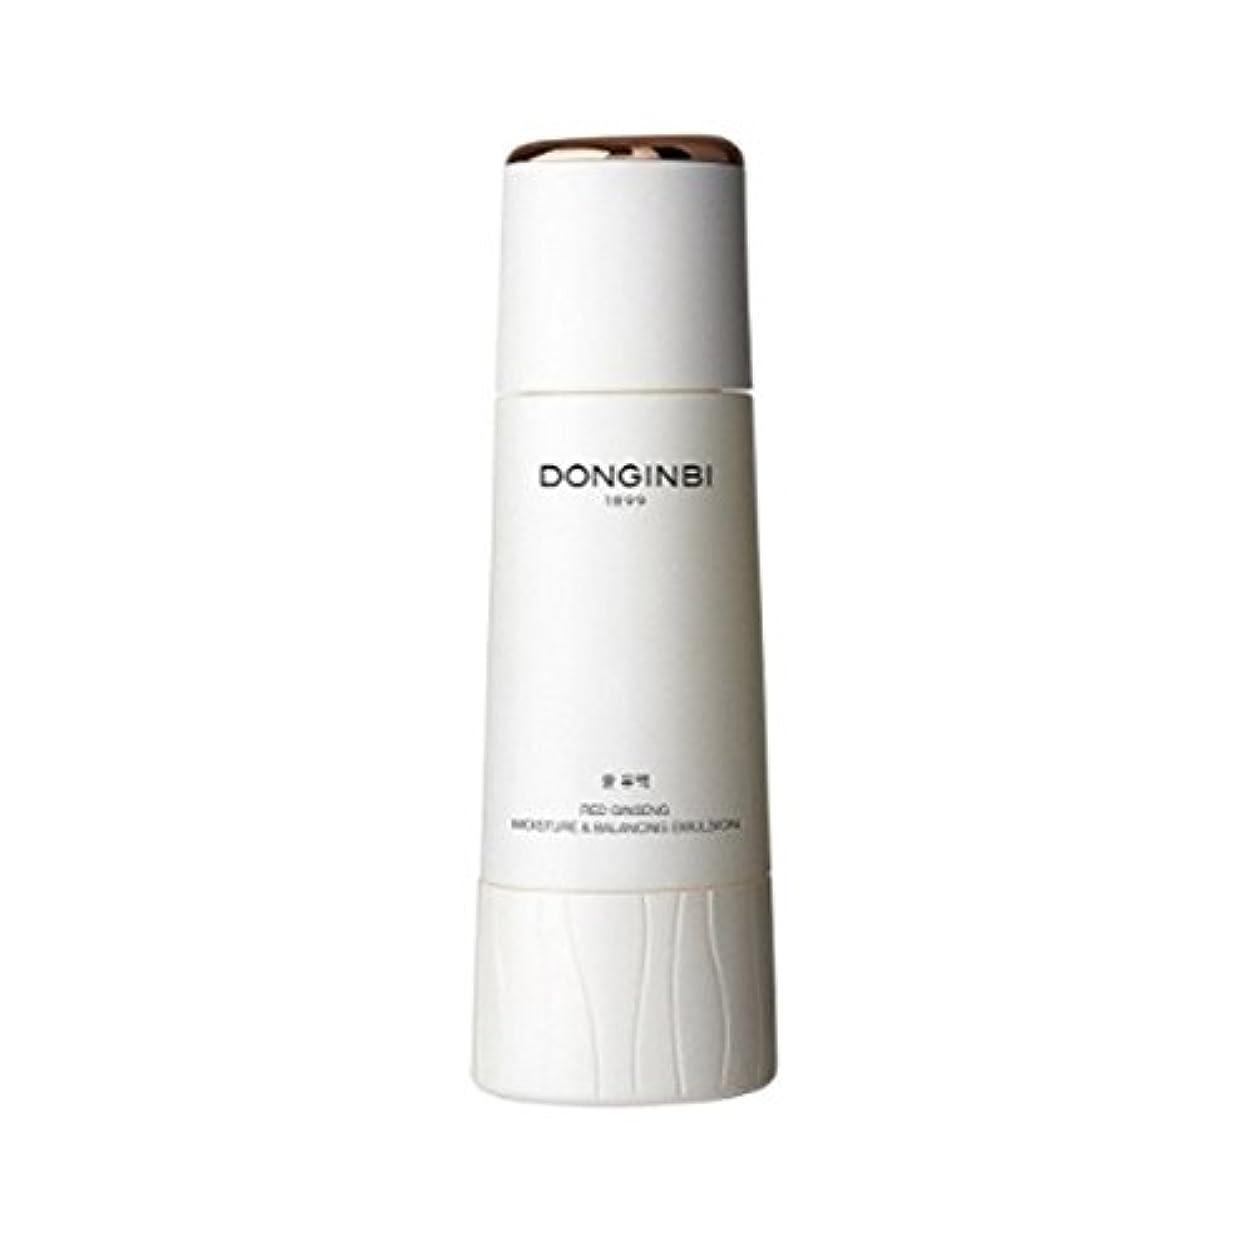 航空便甘やかす宿題をする[ドンインビ]DONGINBI ドンインビユン 乳液 130ml 海外直送品 Emulsion130ml [並行輸入品]